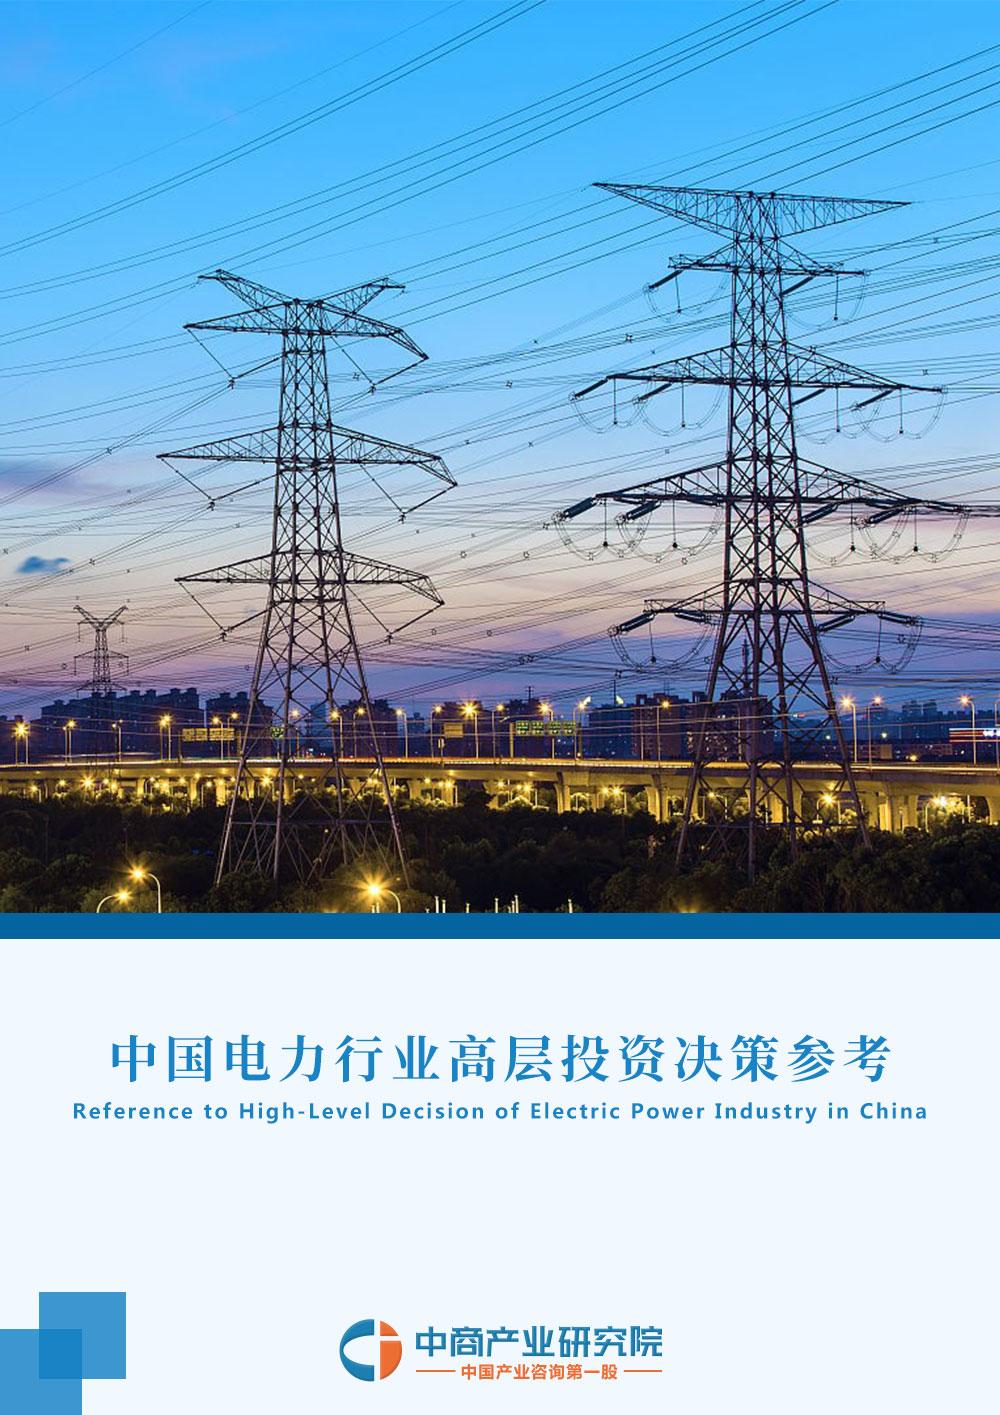 中国电力行业投资决策参考(2018年12月)